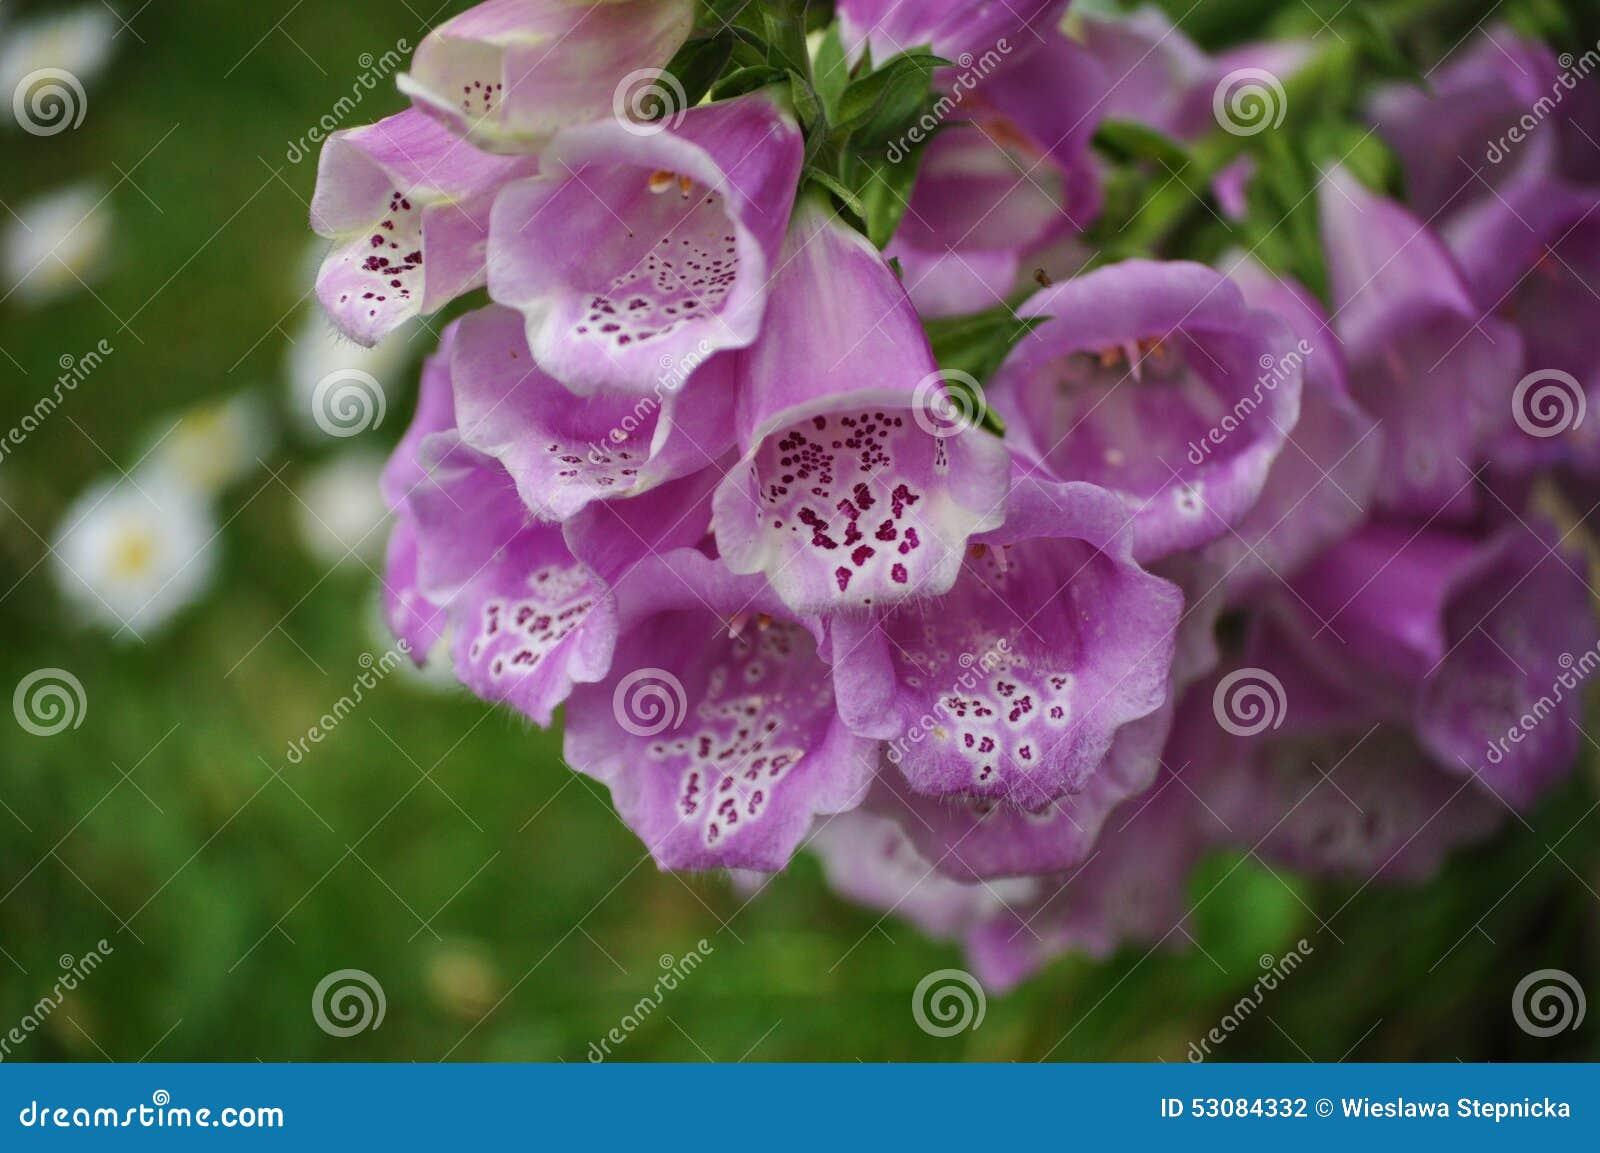 Vingerhoedskruidpurpurea, klokvormige bloemen